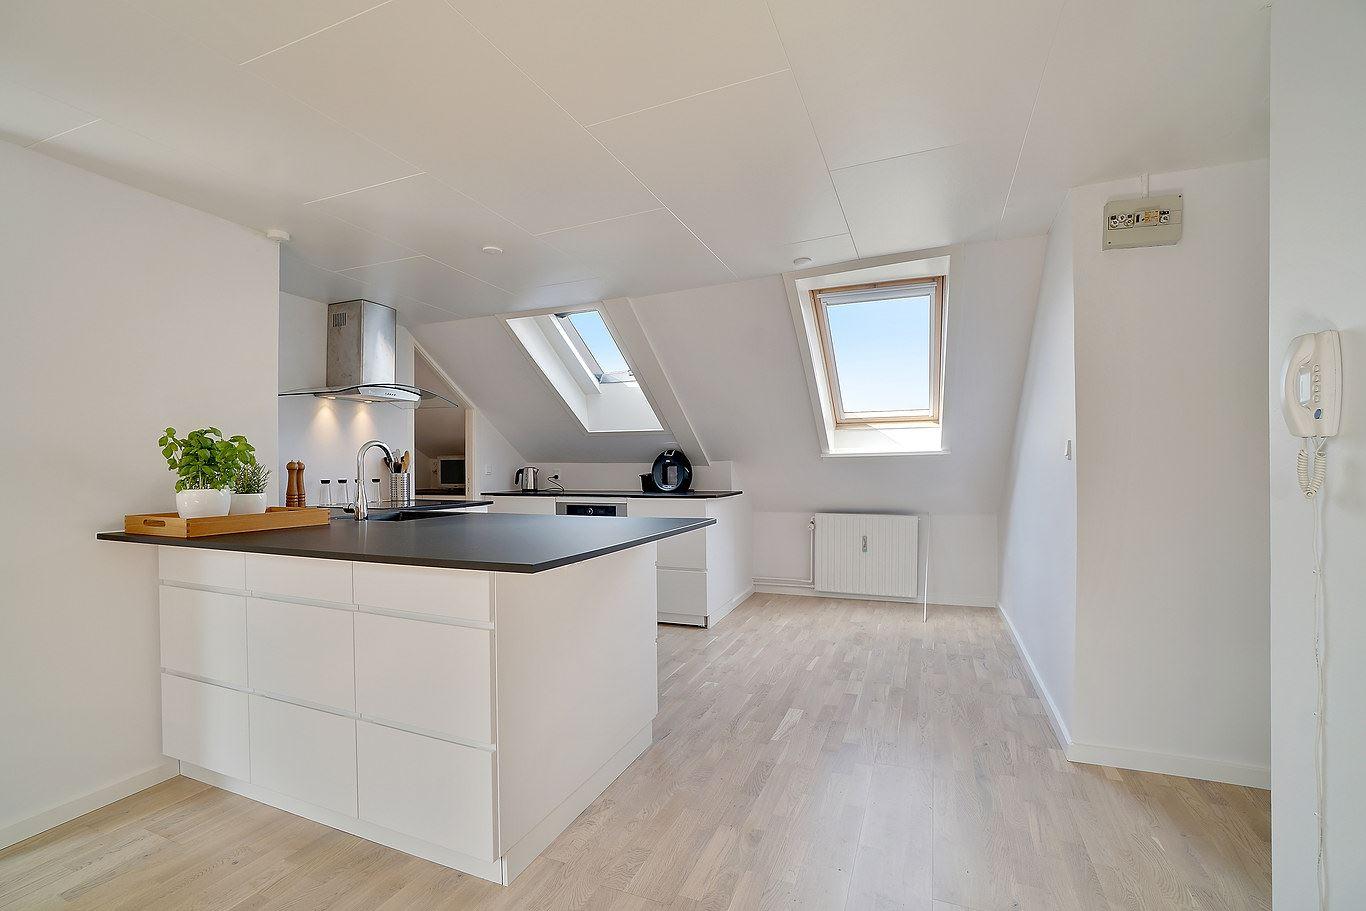 Marstrandsgade 22, 4., 8000 Aarhus C